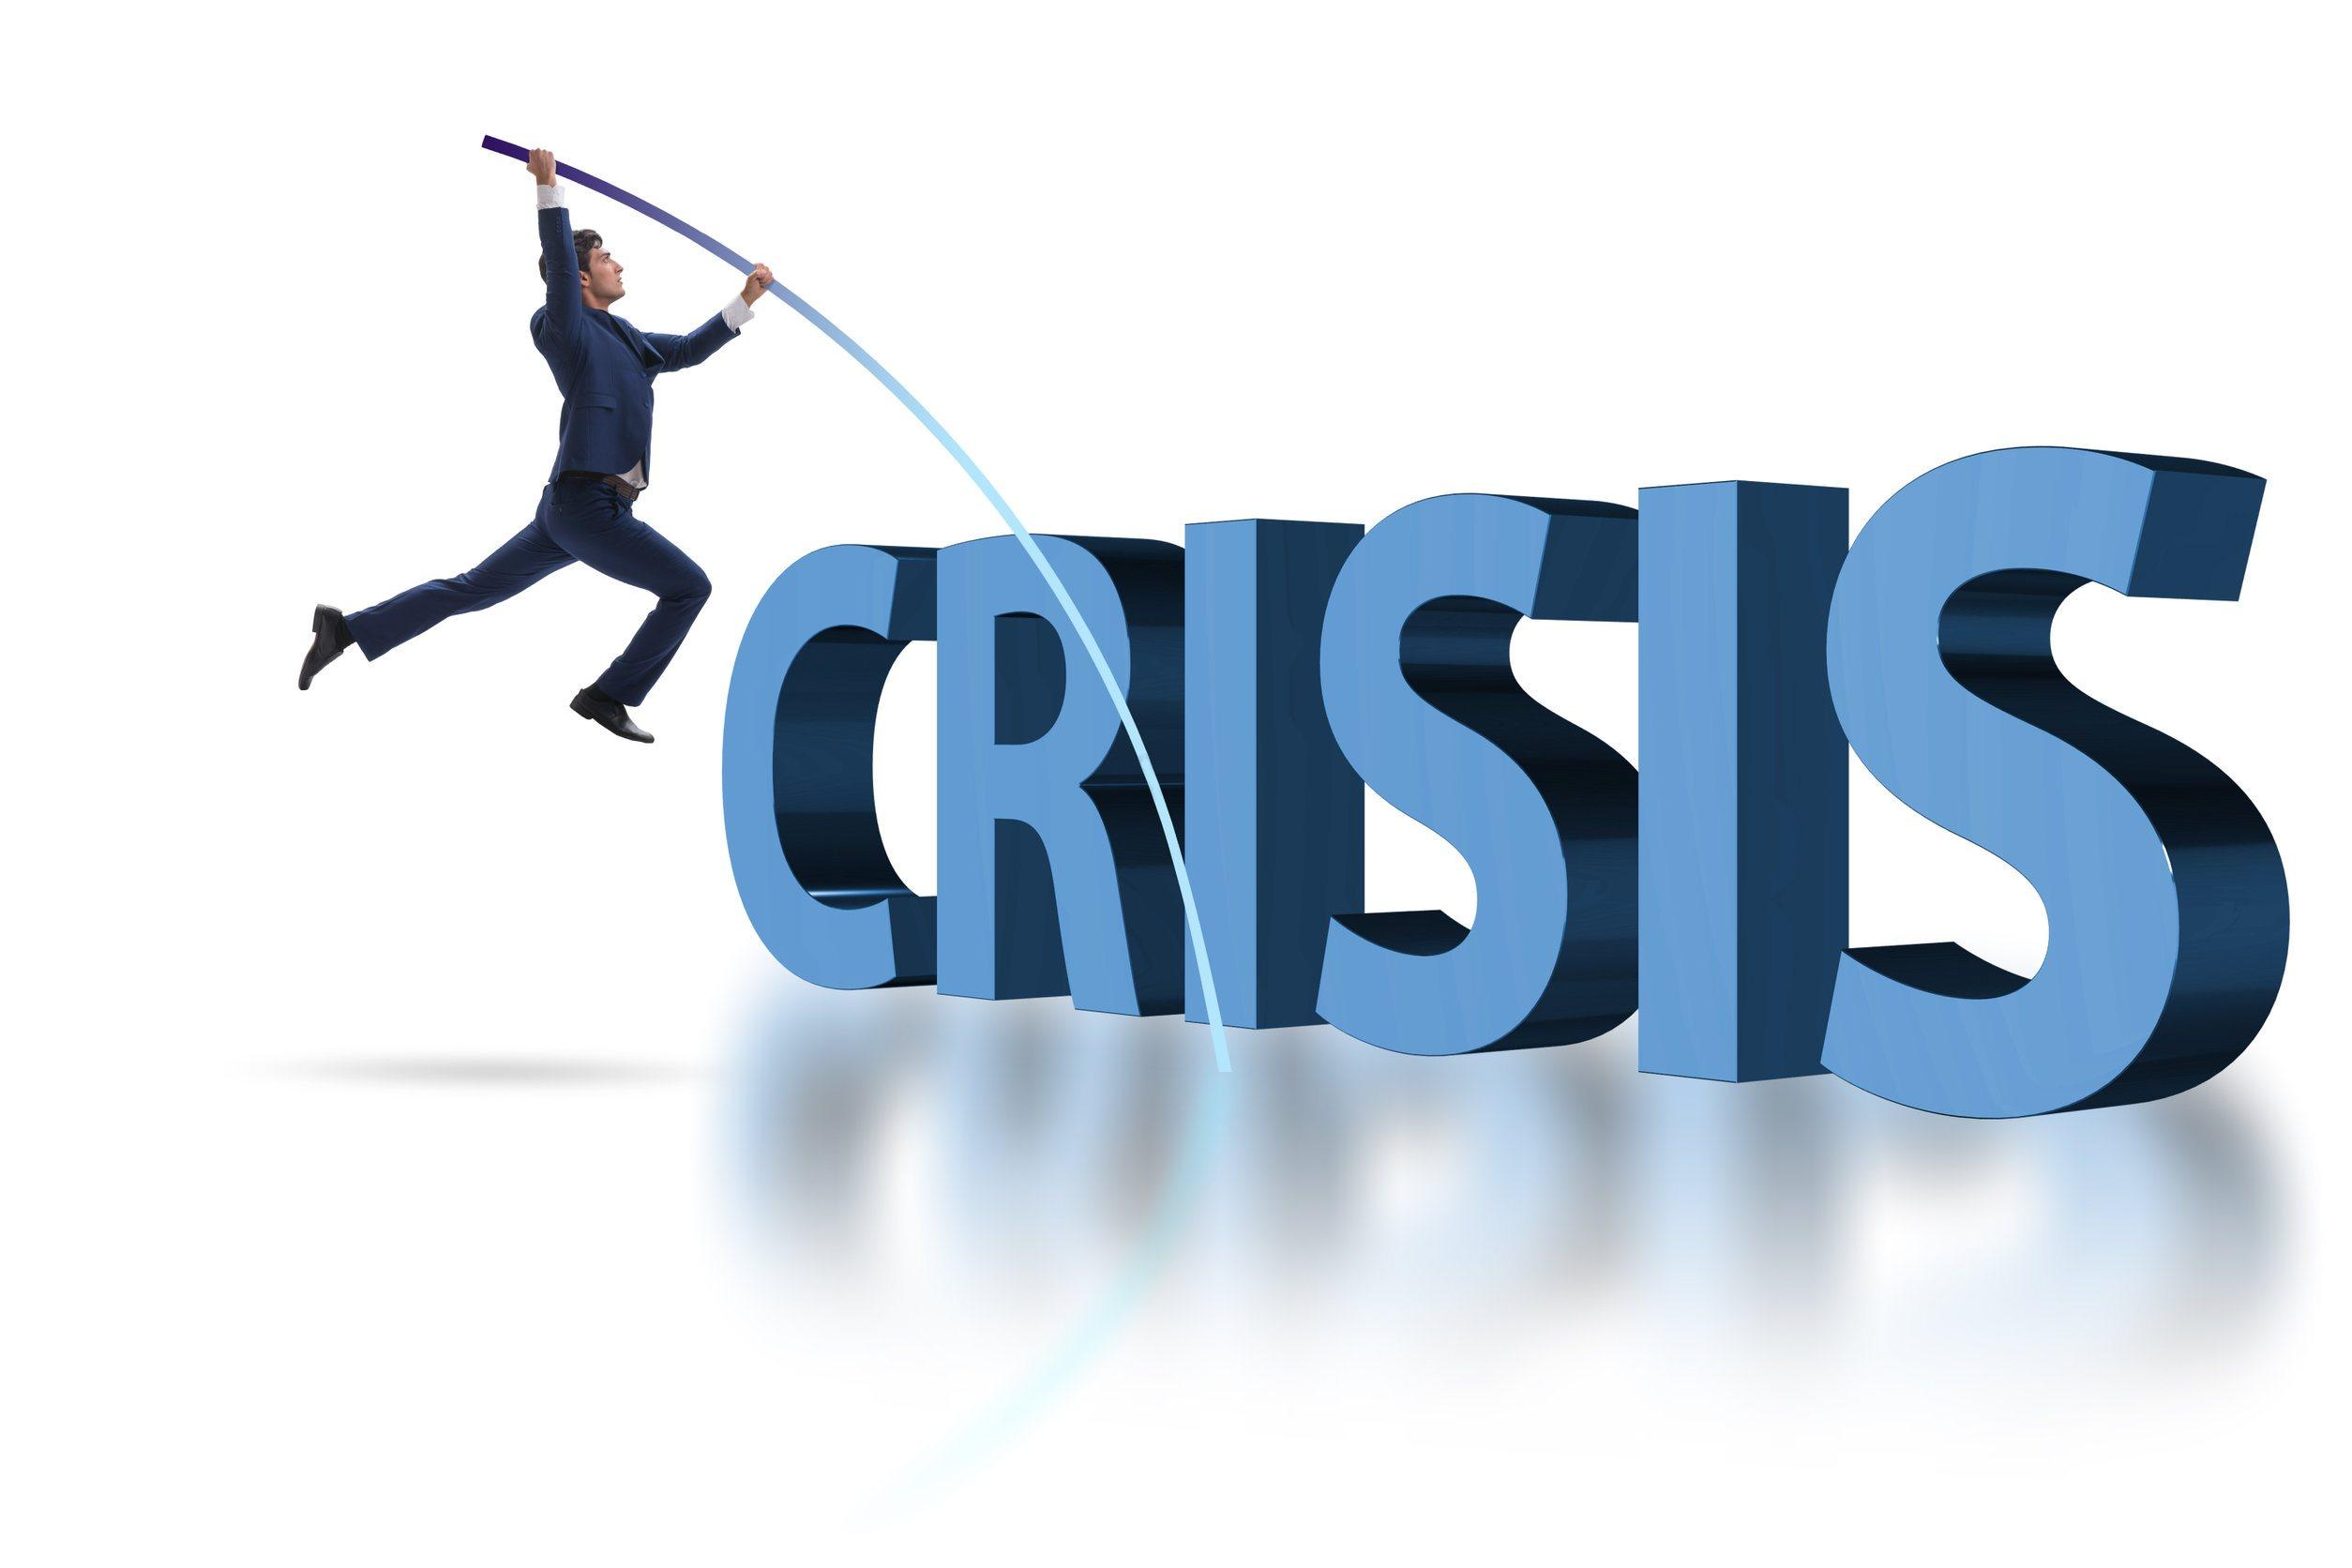 Decreto Legge 5 agosto 2021 sulla crisi d'impresa e la giustizia